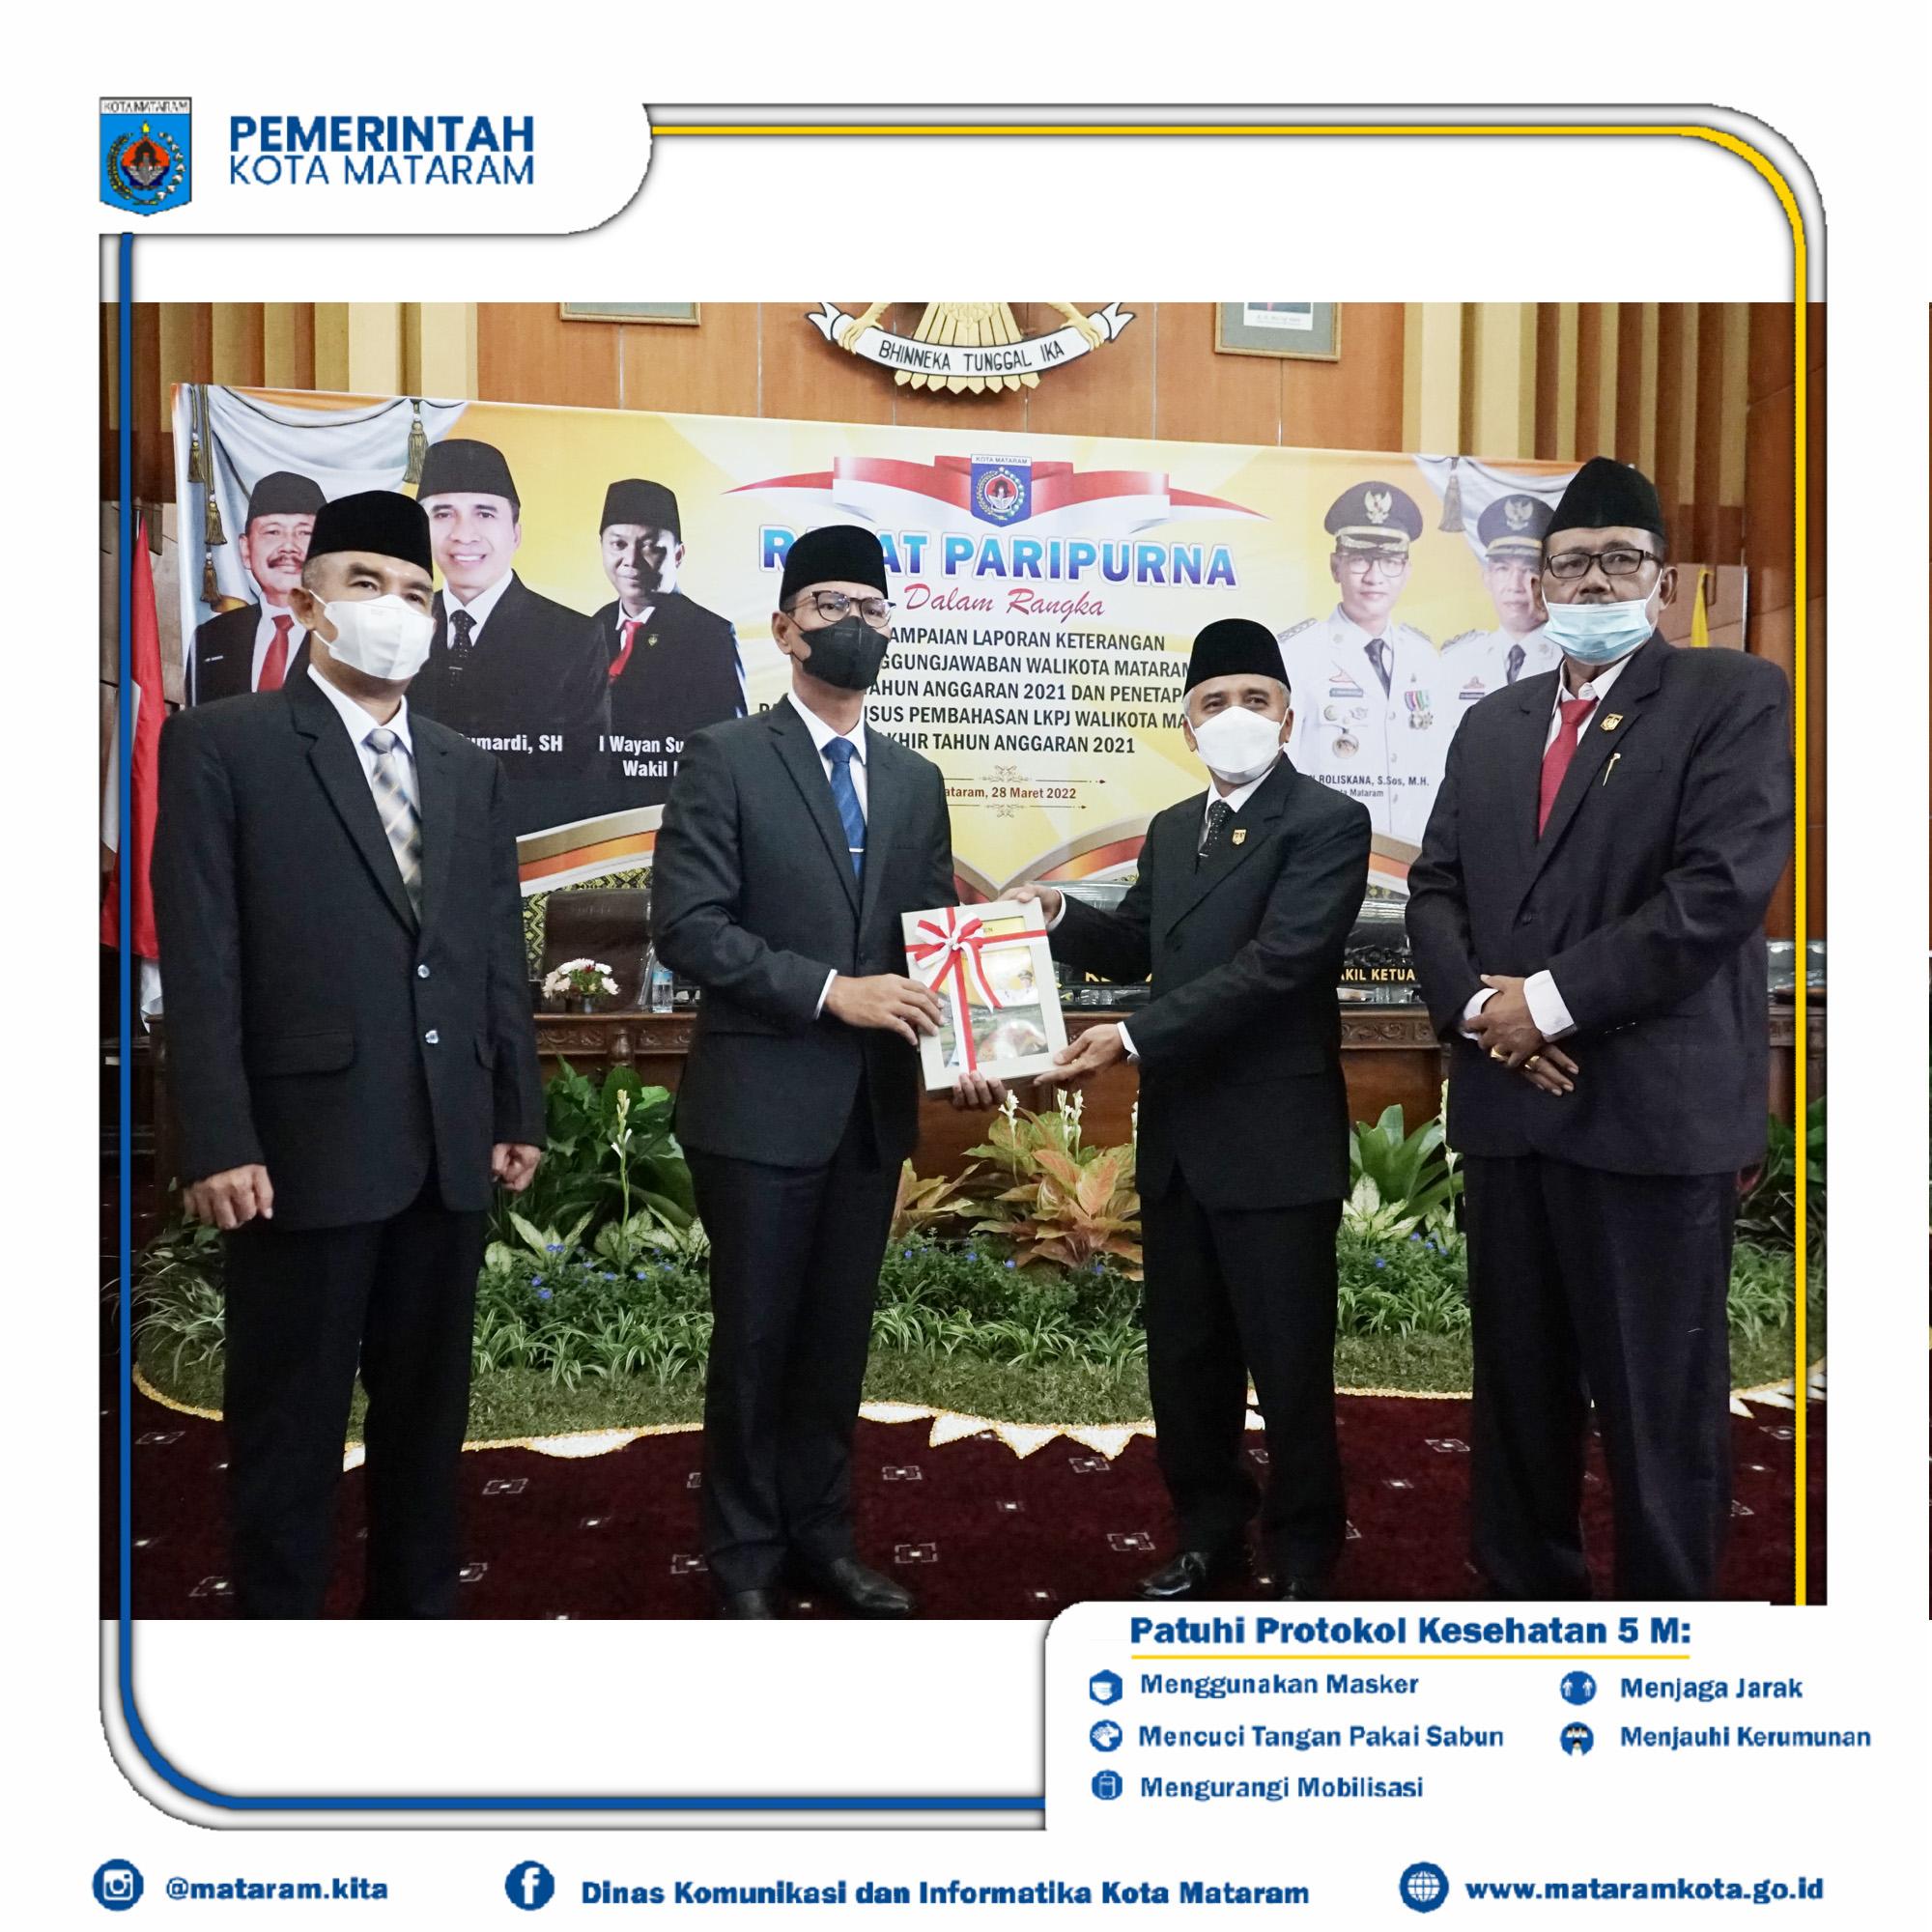 Wali Kota Mataram Hadiri Rapat Sidang Paripurna DPRD Kota Mataram